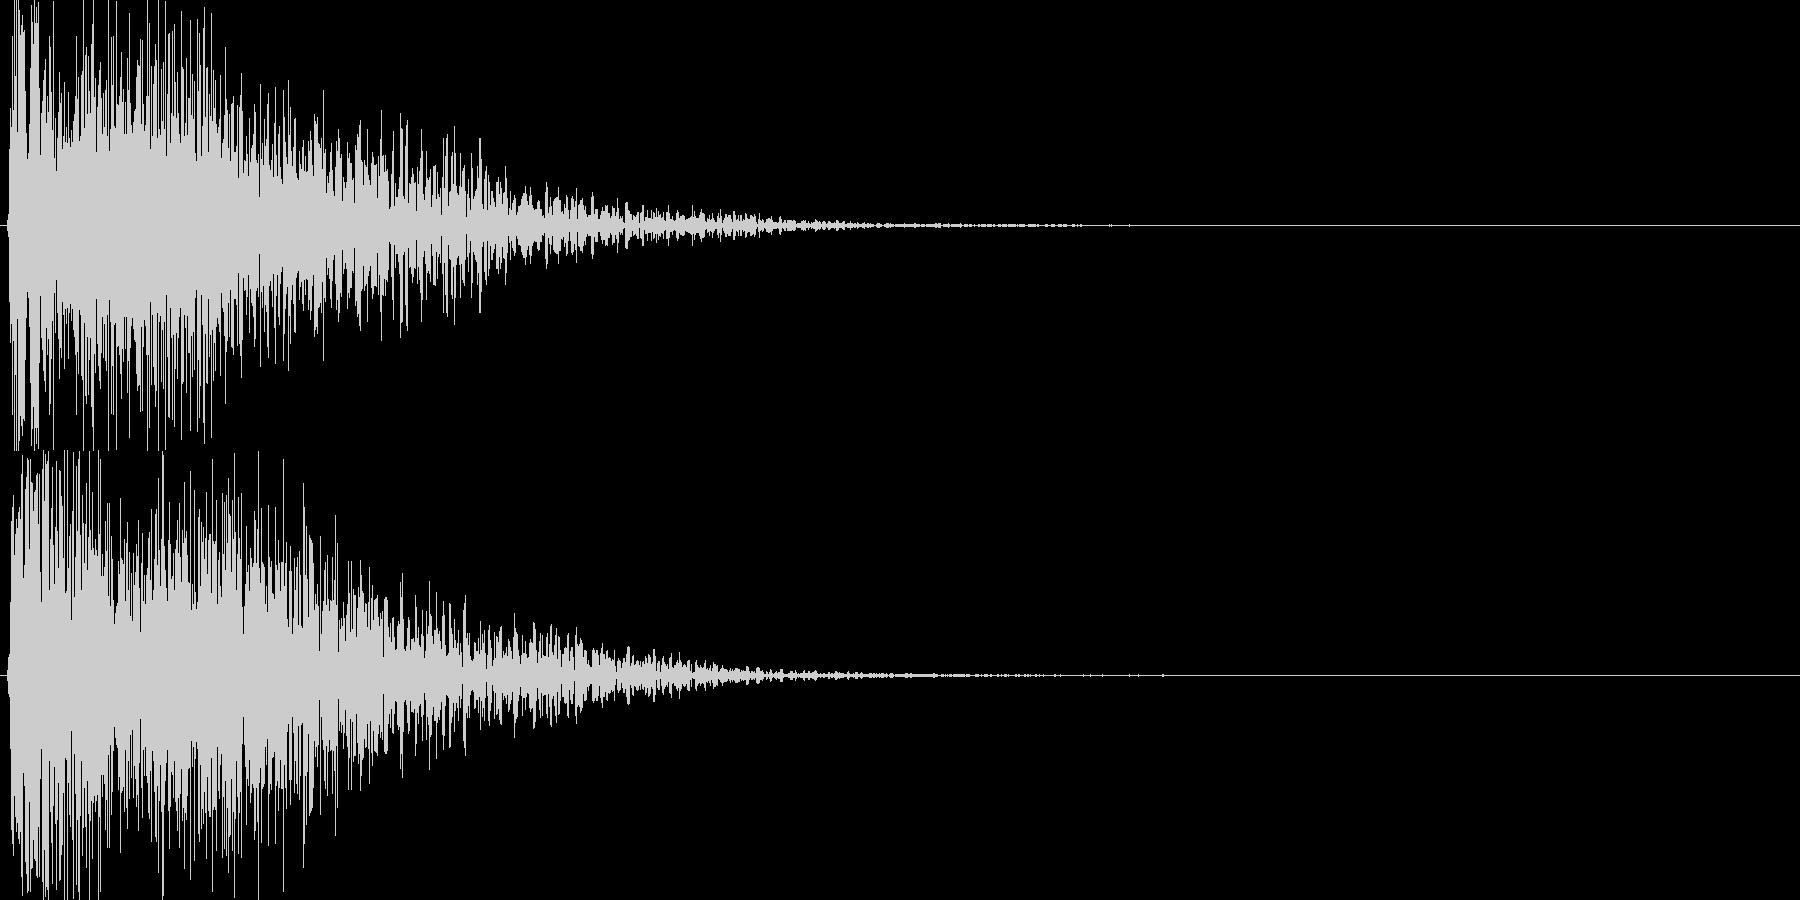 ピコ(ゲーム、アプリなどの操作音09)の未再生の波形